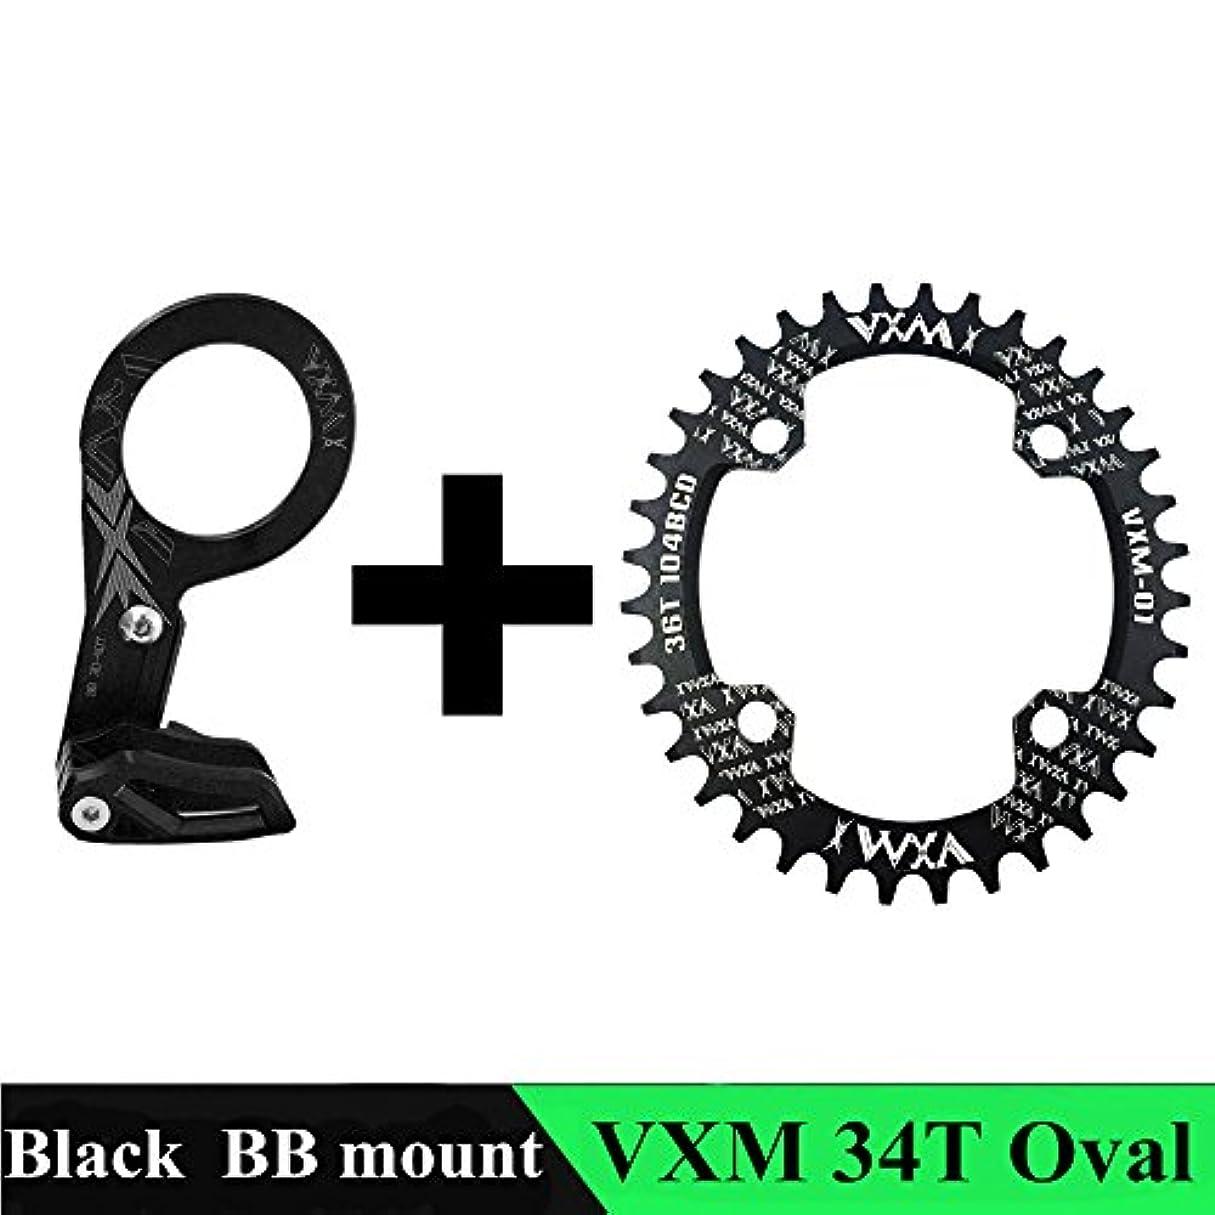 縁石証明書暴露Propenary - Bicycle 104BCD Crank Chainwheel Narrow Wide 32T 34T 36T 38T Oval Chainring Bicycle Chain guide protector Bicycle Parts [ BB Black 34T ]